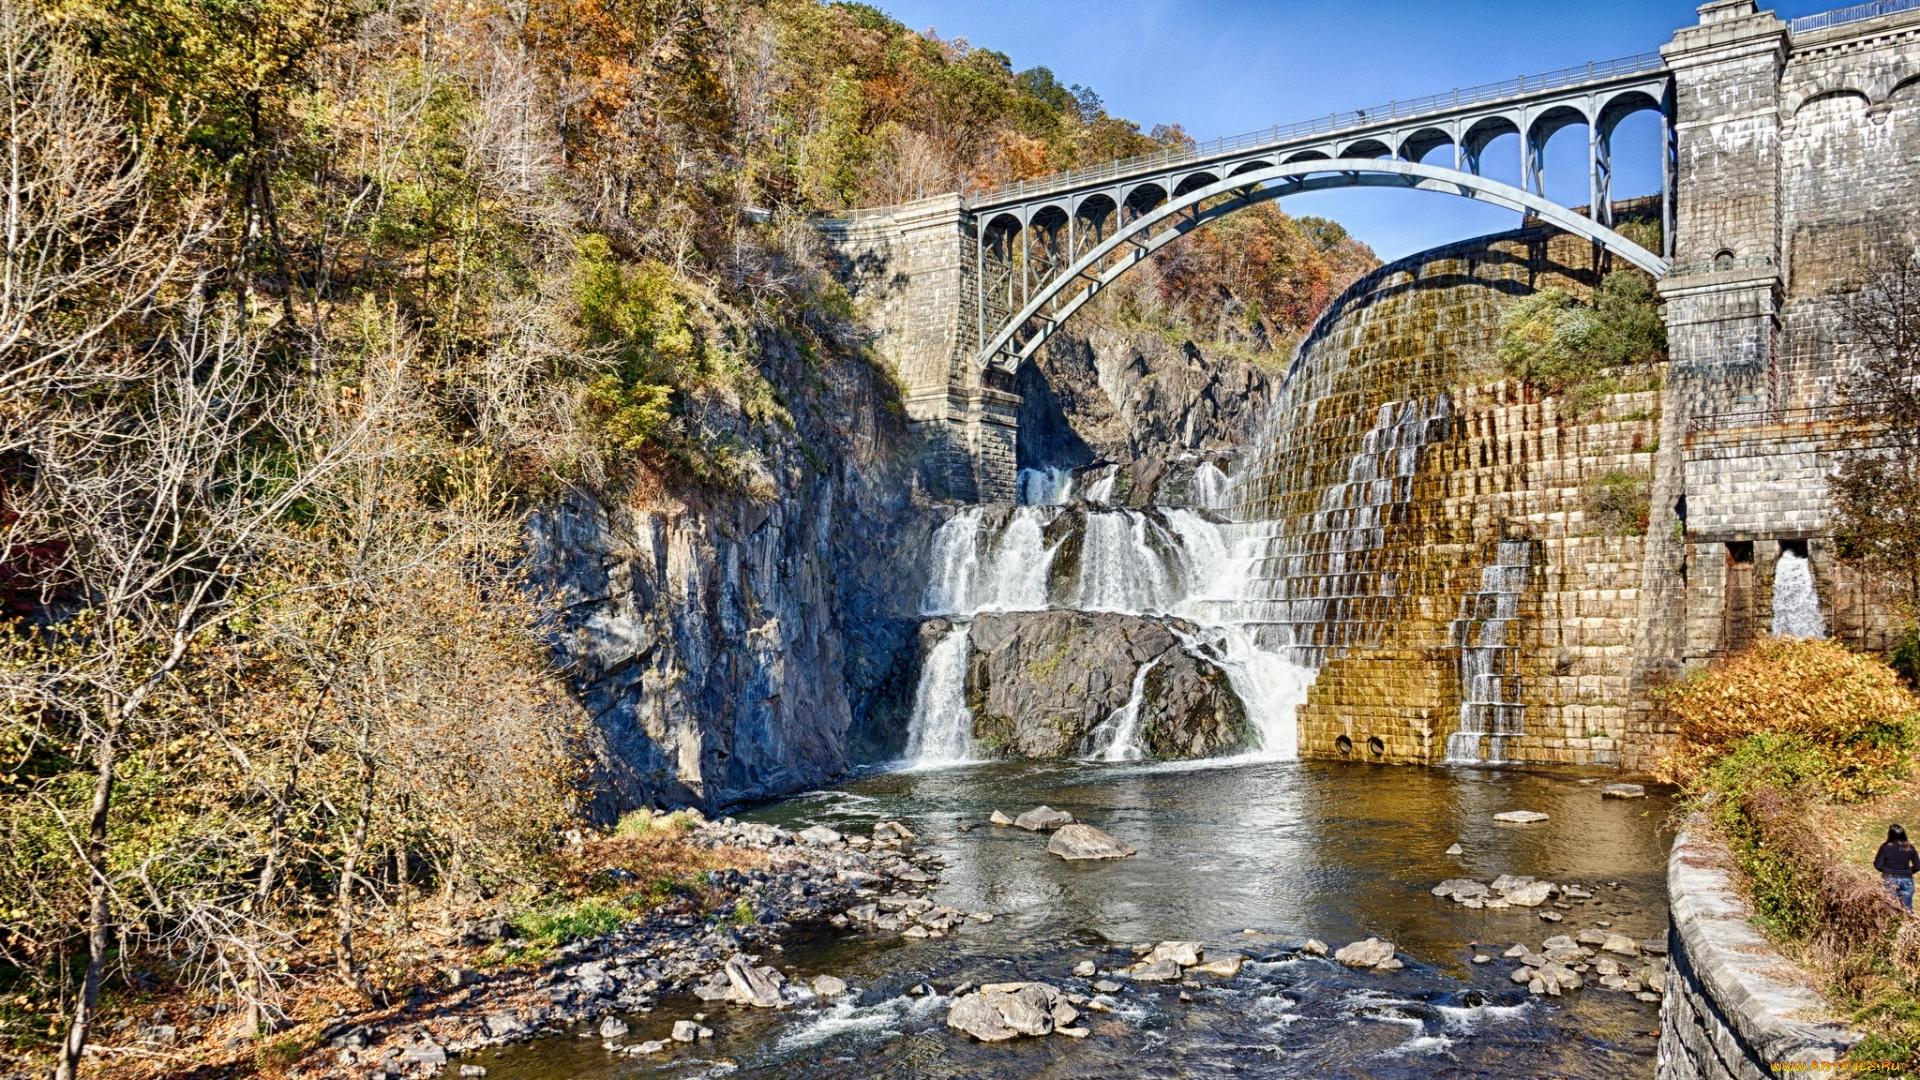 Мост через речку в ущелье  № 2239428 загрузить